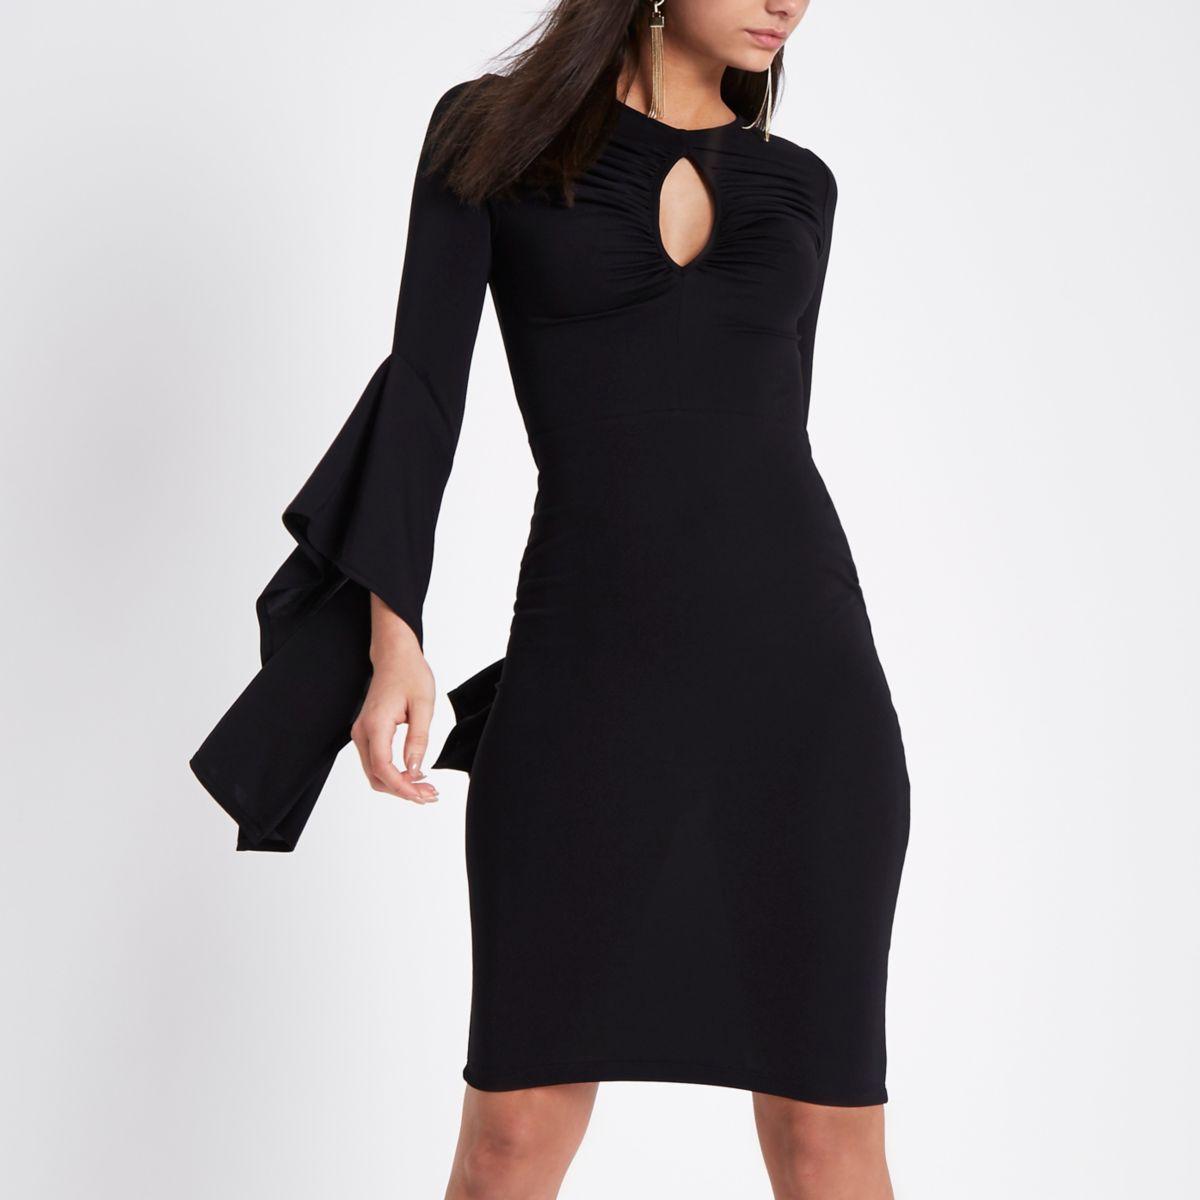 Schwarzes Bodycon-Kleid mit Schlüssellochausschnitt